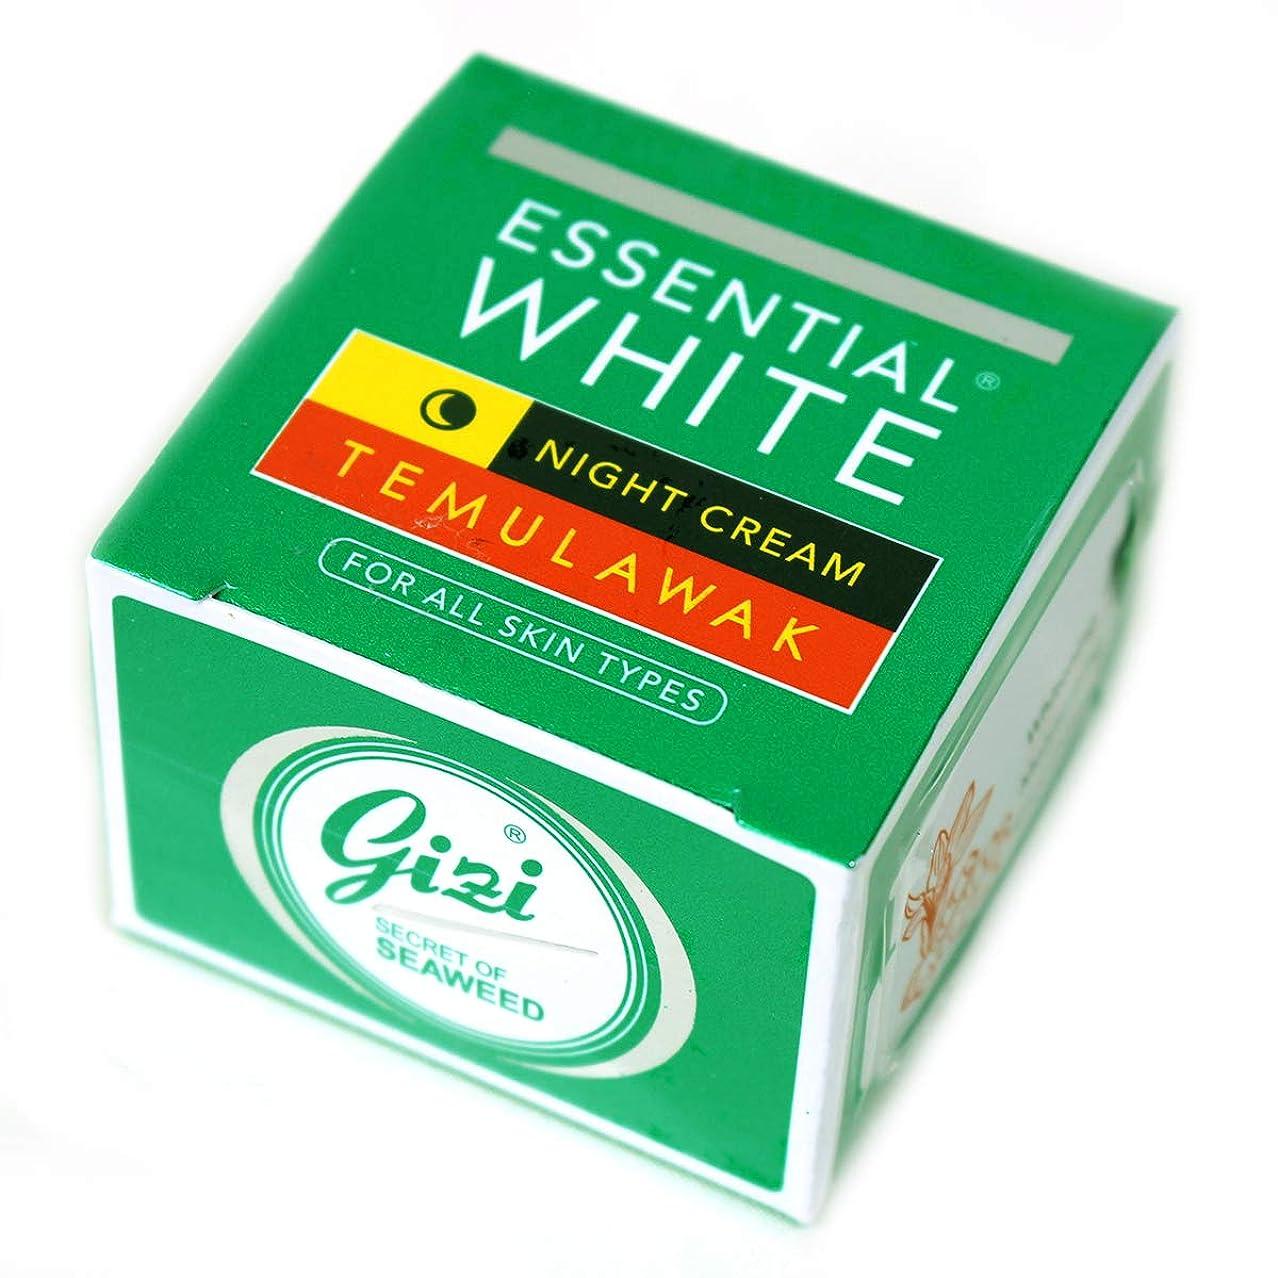 トランペットパーティション魅力ギジ gizi Essential White ナイト用スキンケアクリーム ボトルタイプ 9g テムラワク ウコン など天然成分配合 [海外直送品]